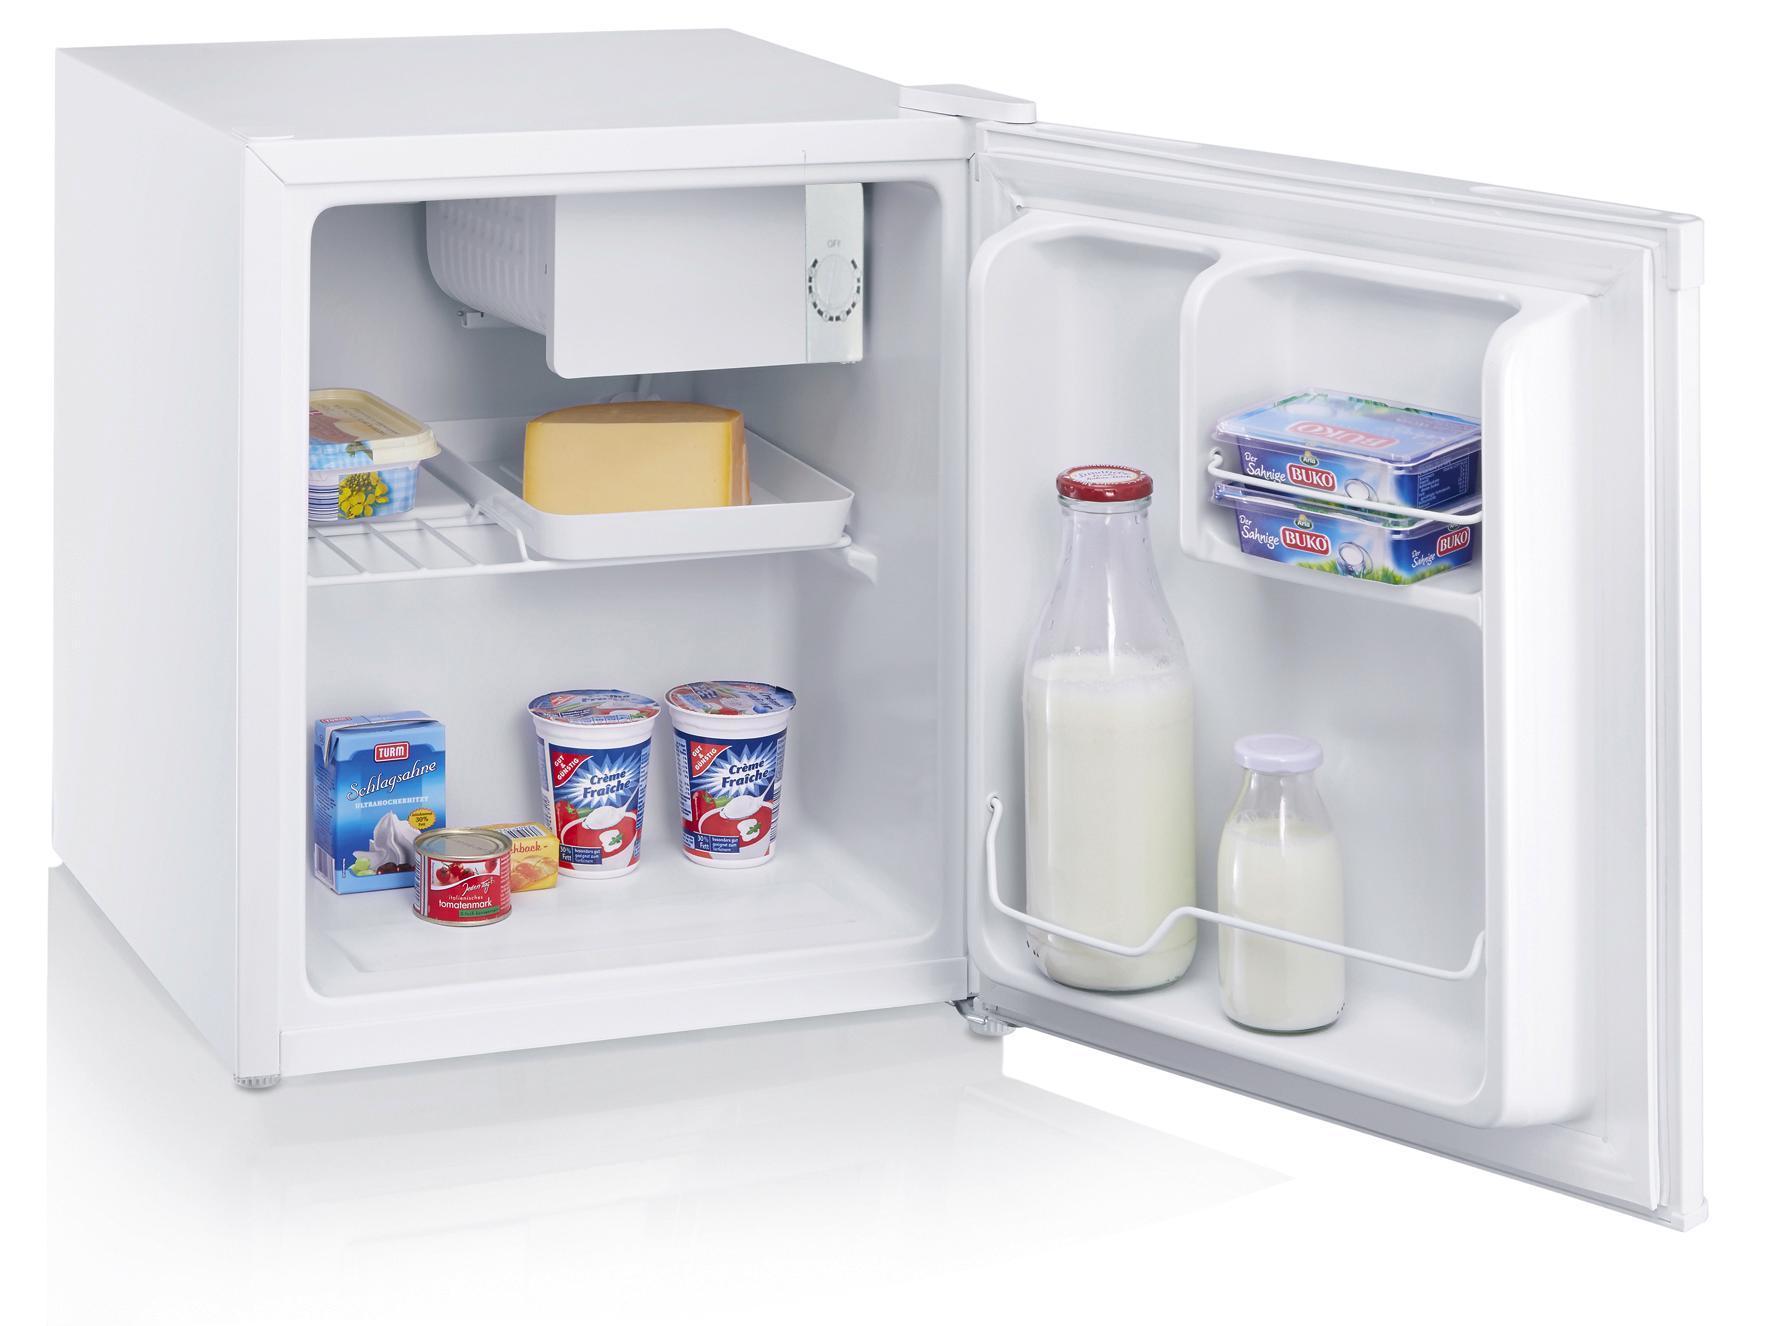 Aldi Süd Kühlschrank Mit Gefrierfach : Wohnzimmer bar mit kühlschrank kühlschränke gefrierschränke